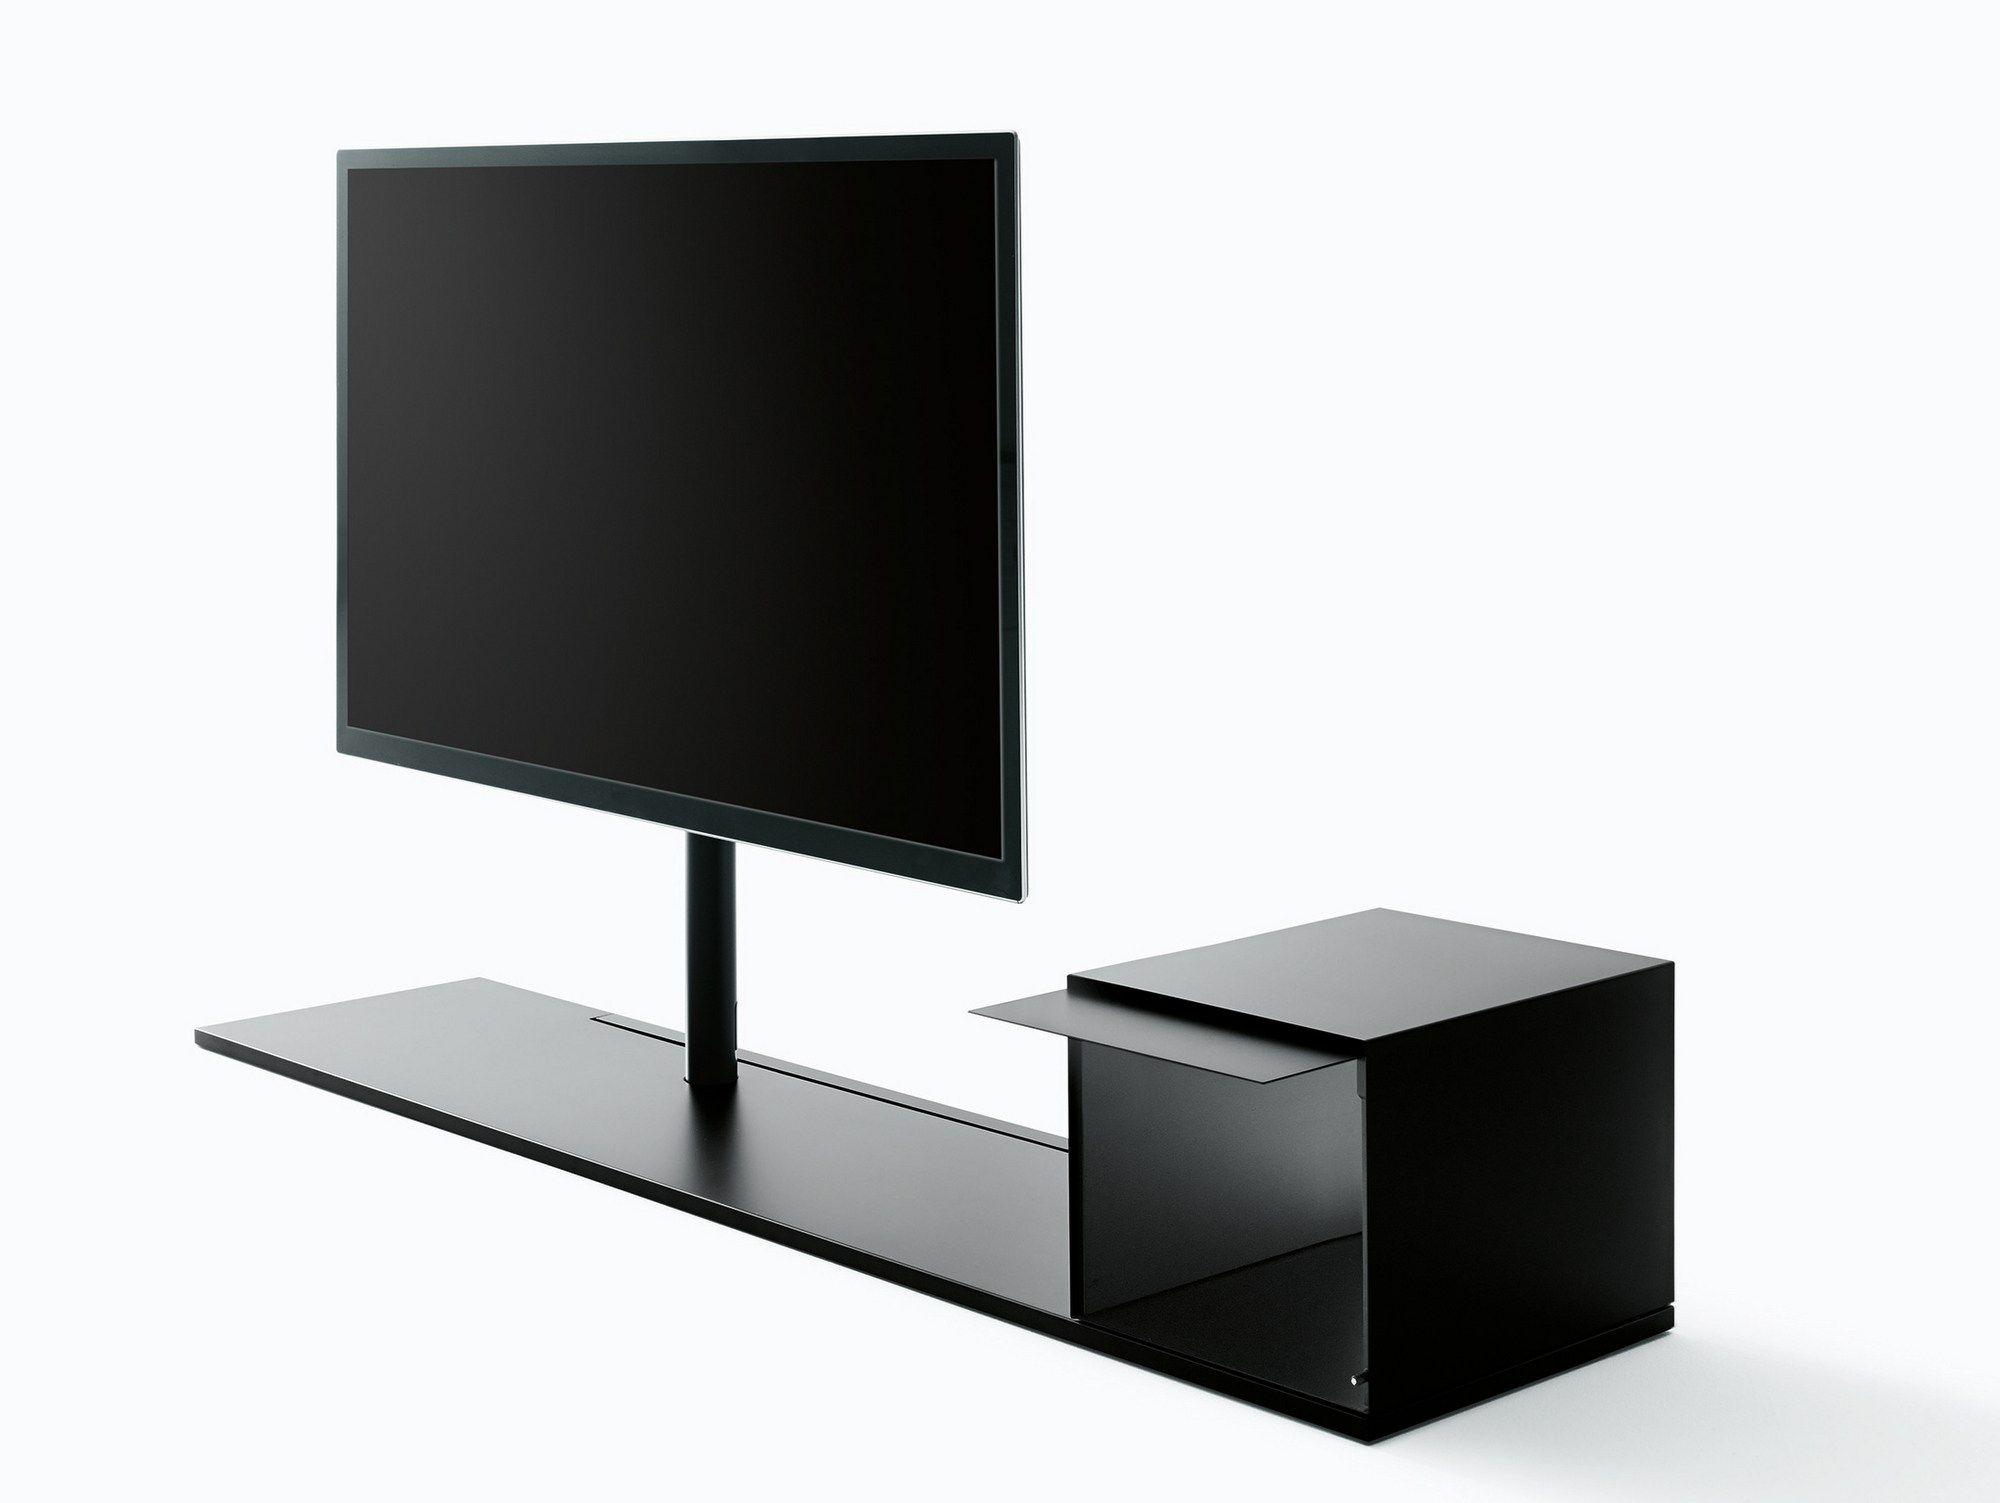 Swivel Metal Tv Cabinet Sail 302 By Desalto Design Caronni Bonanomi Architetti Associati Tv Furniture Tv Stand Room Divider Swivel Tv Stand